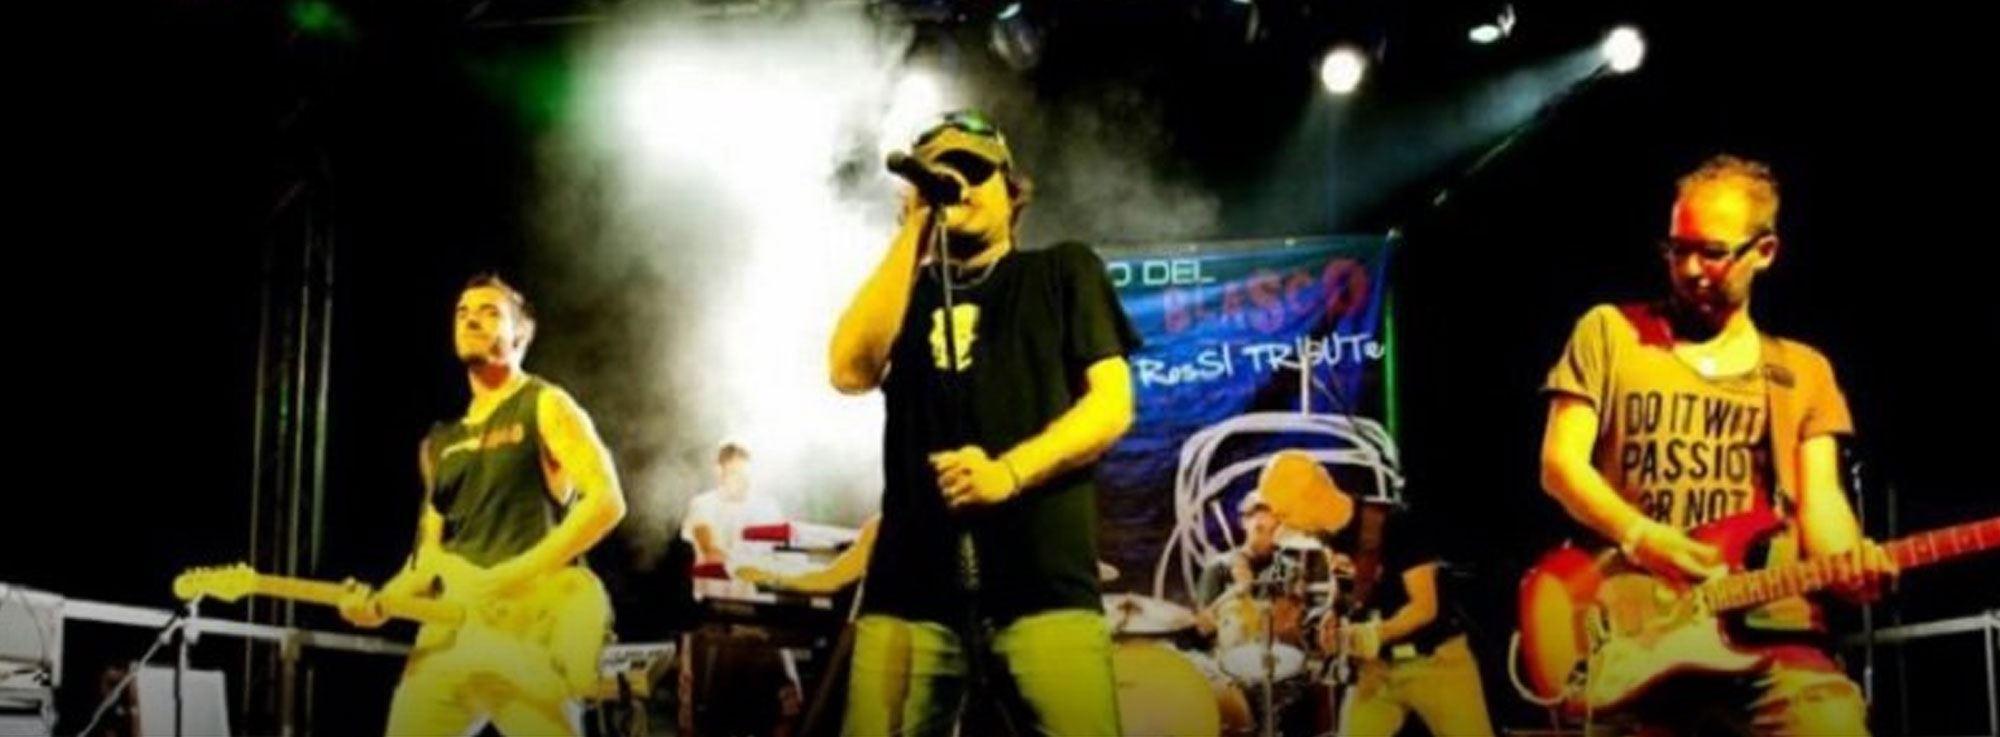 Barletta: Sandro del Blasco, Vasco Rossi tribute band